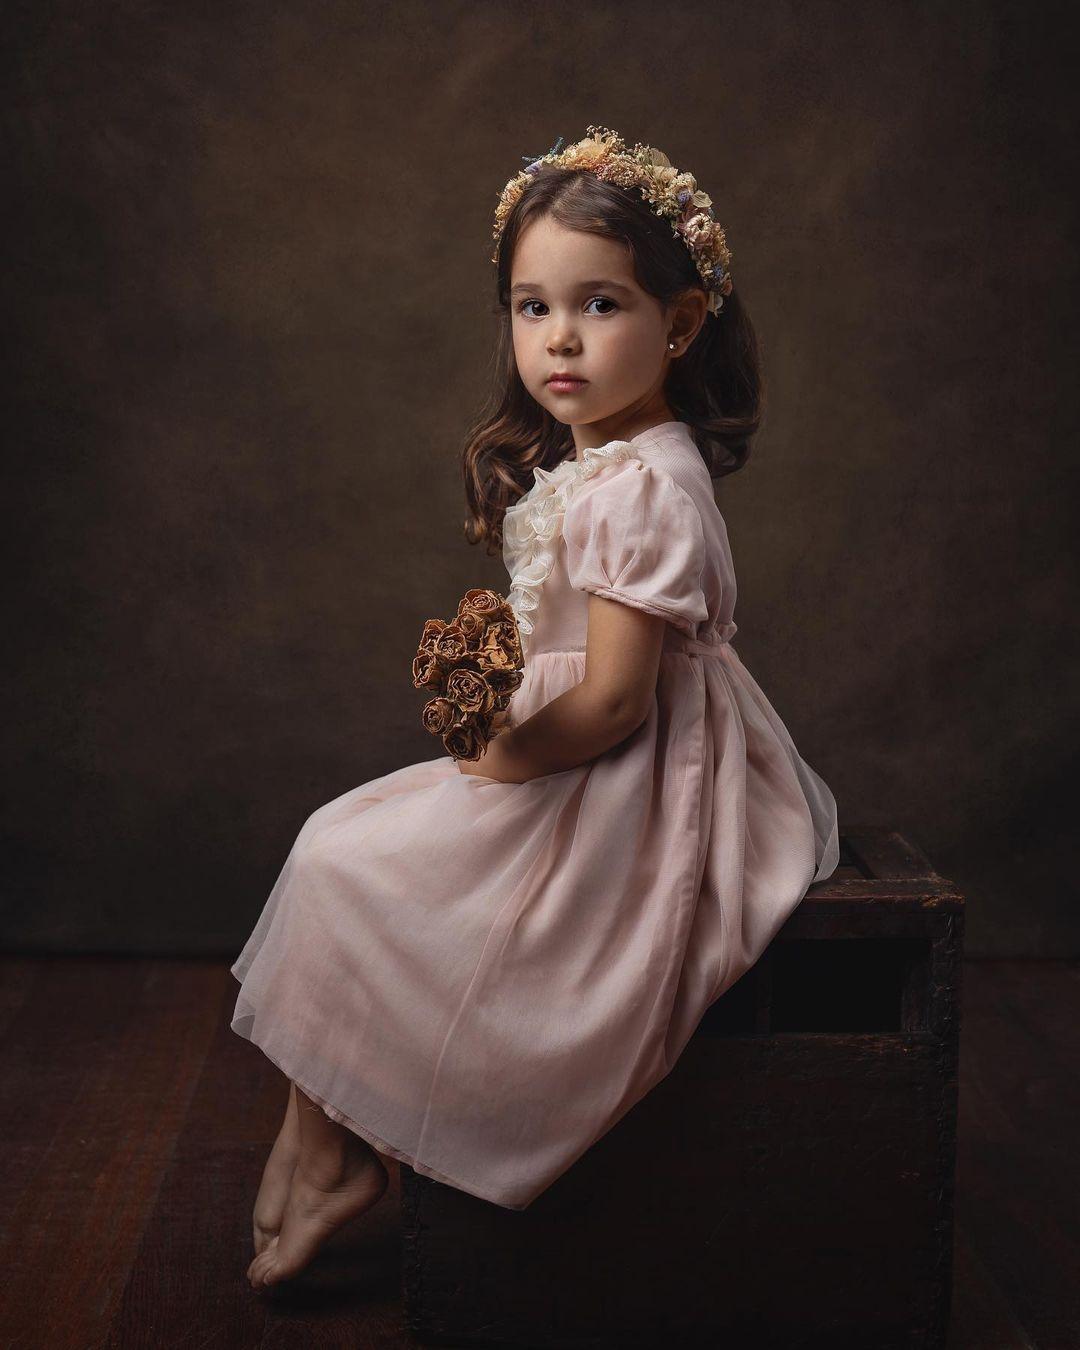 Красивые снимки детей от Марии дель Валле Прессер